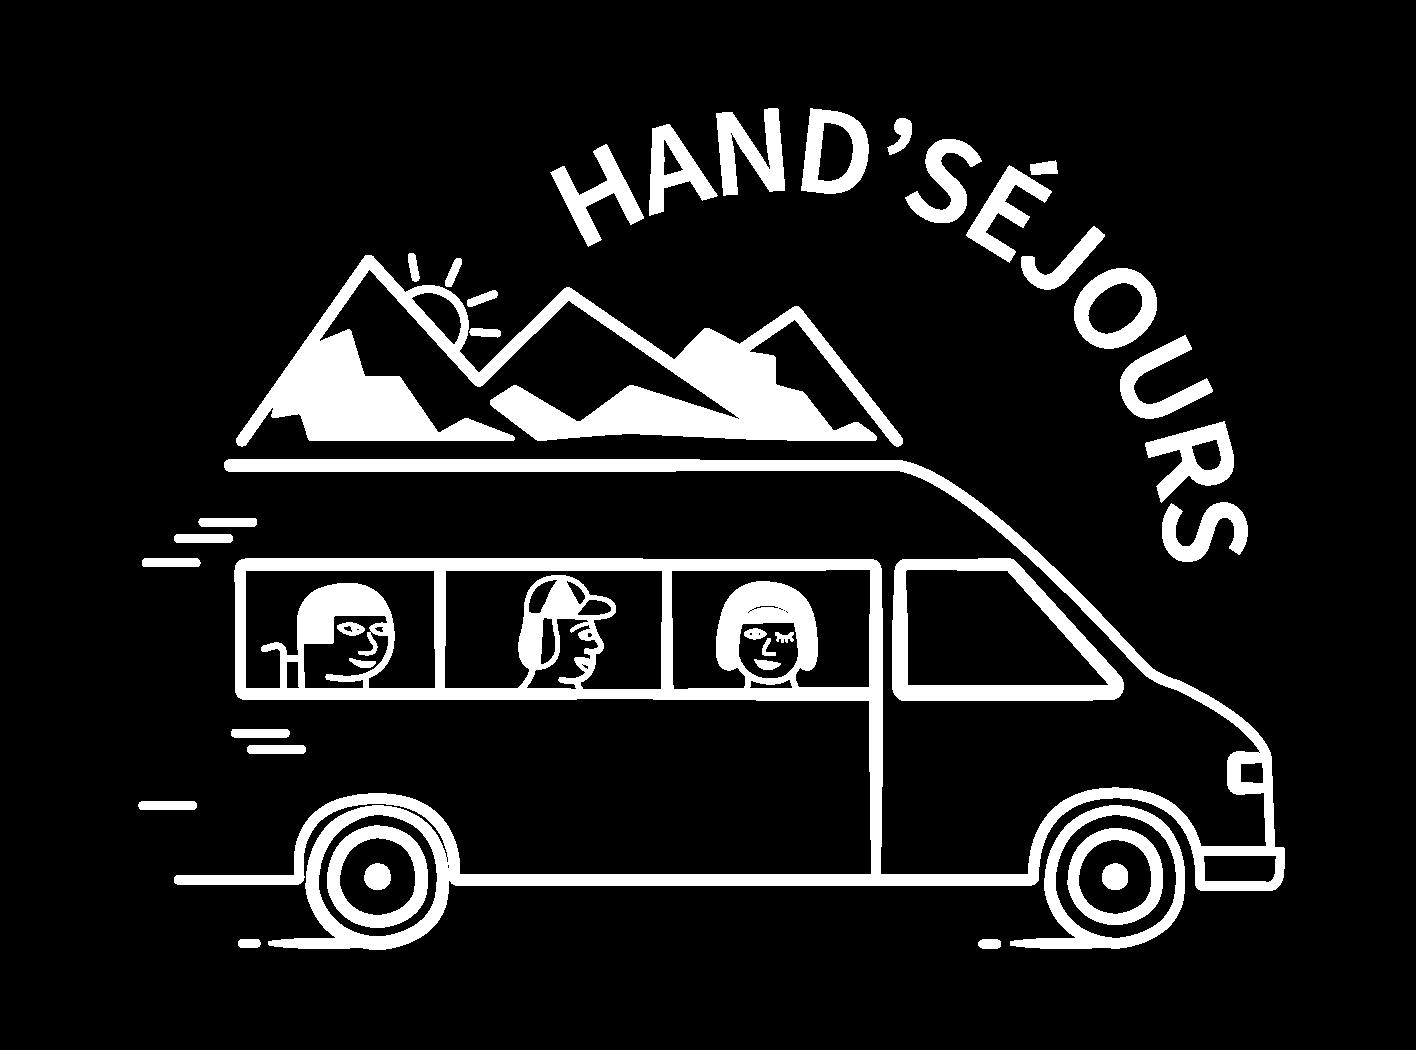 Hand Séjours - Hand Route